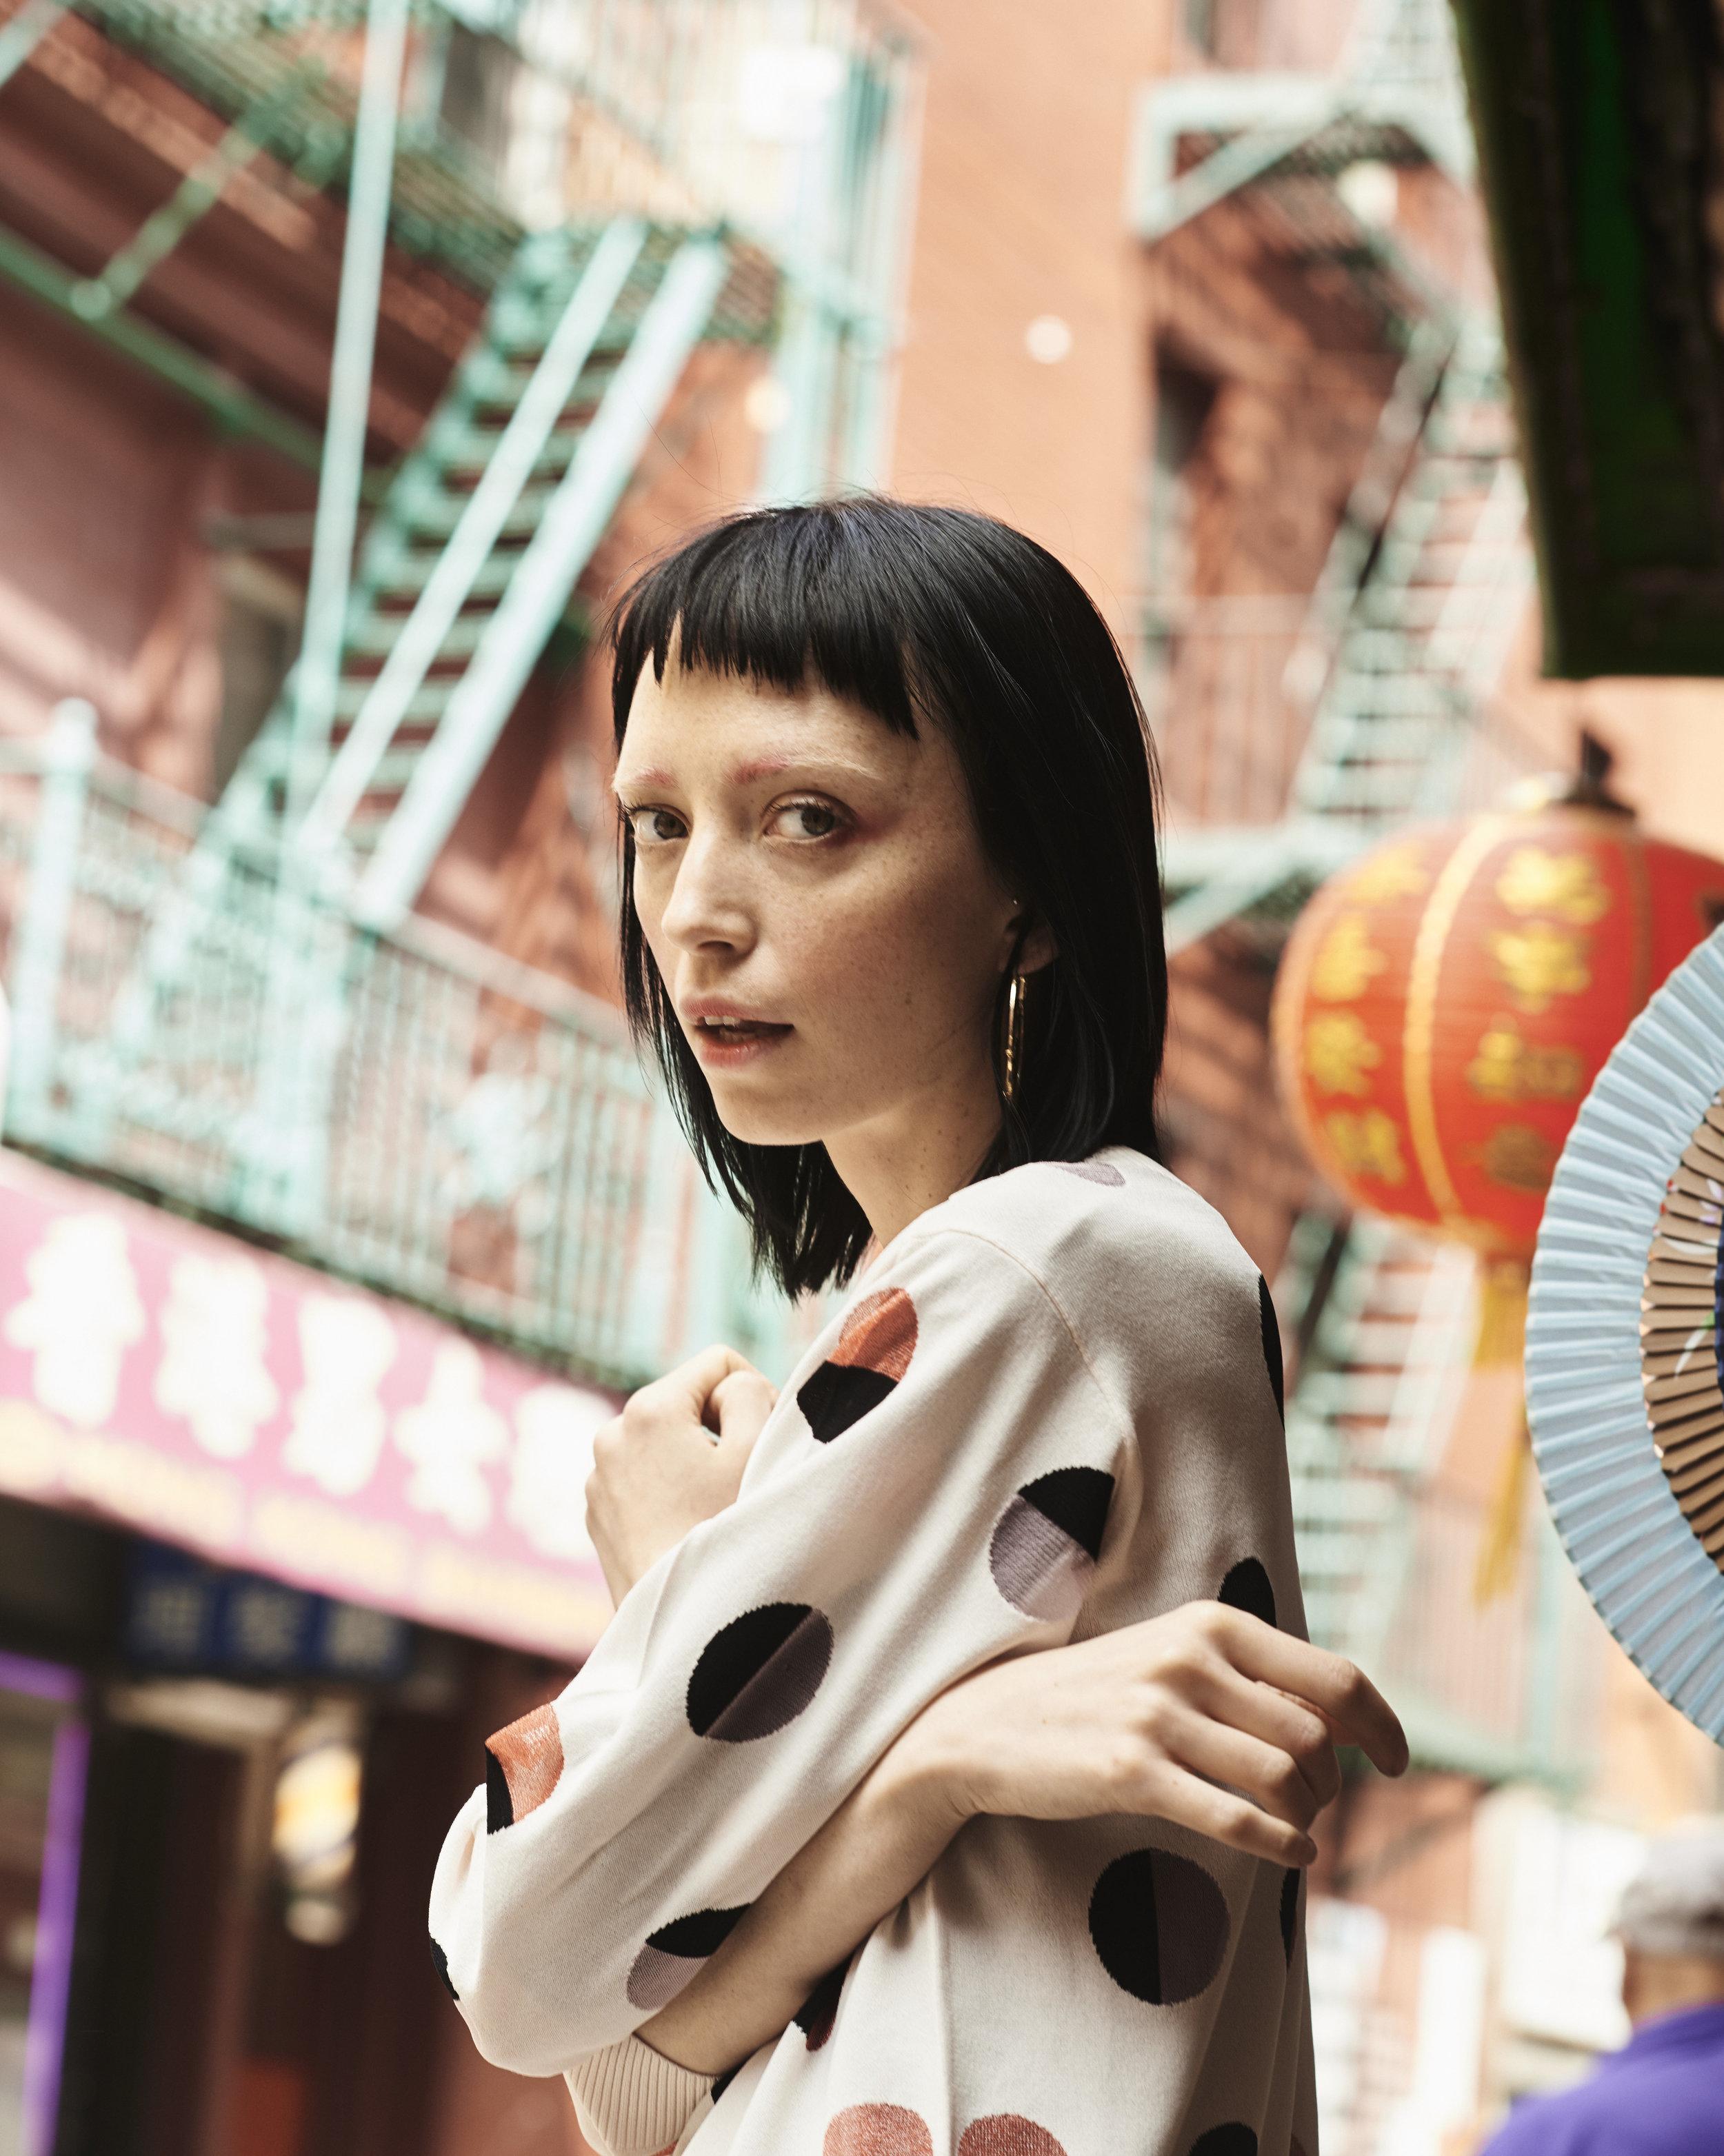 Henrik_Chinatown4878.jpg